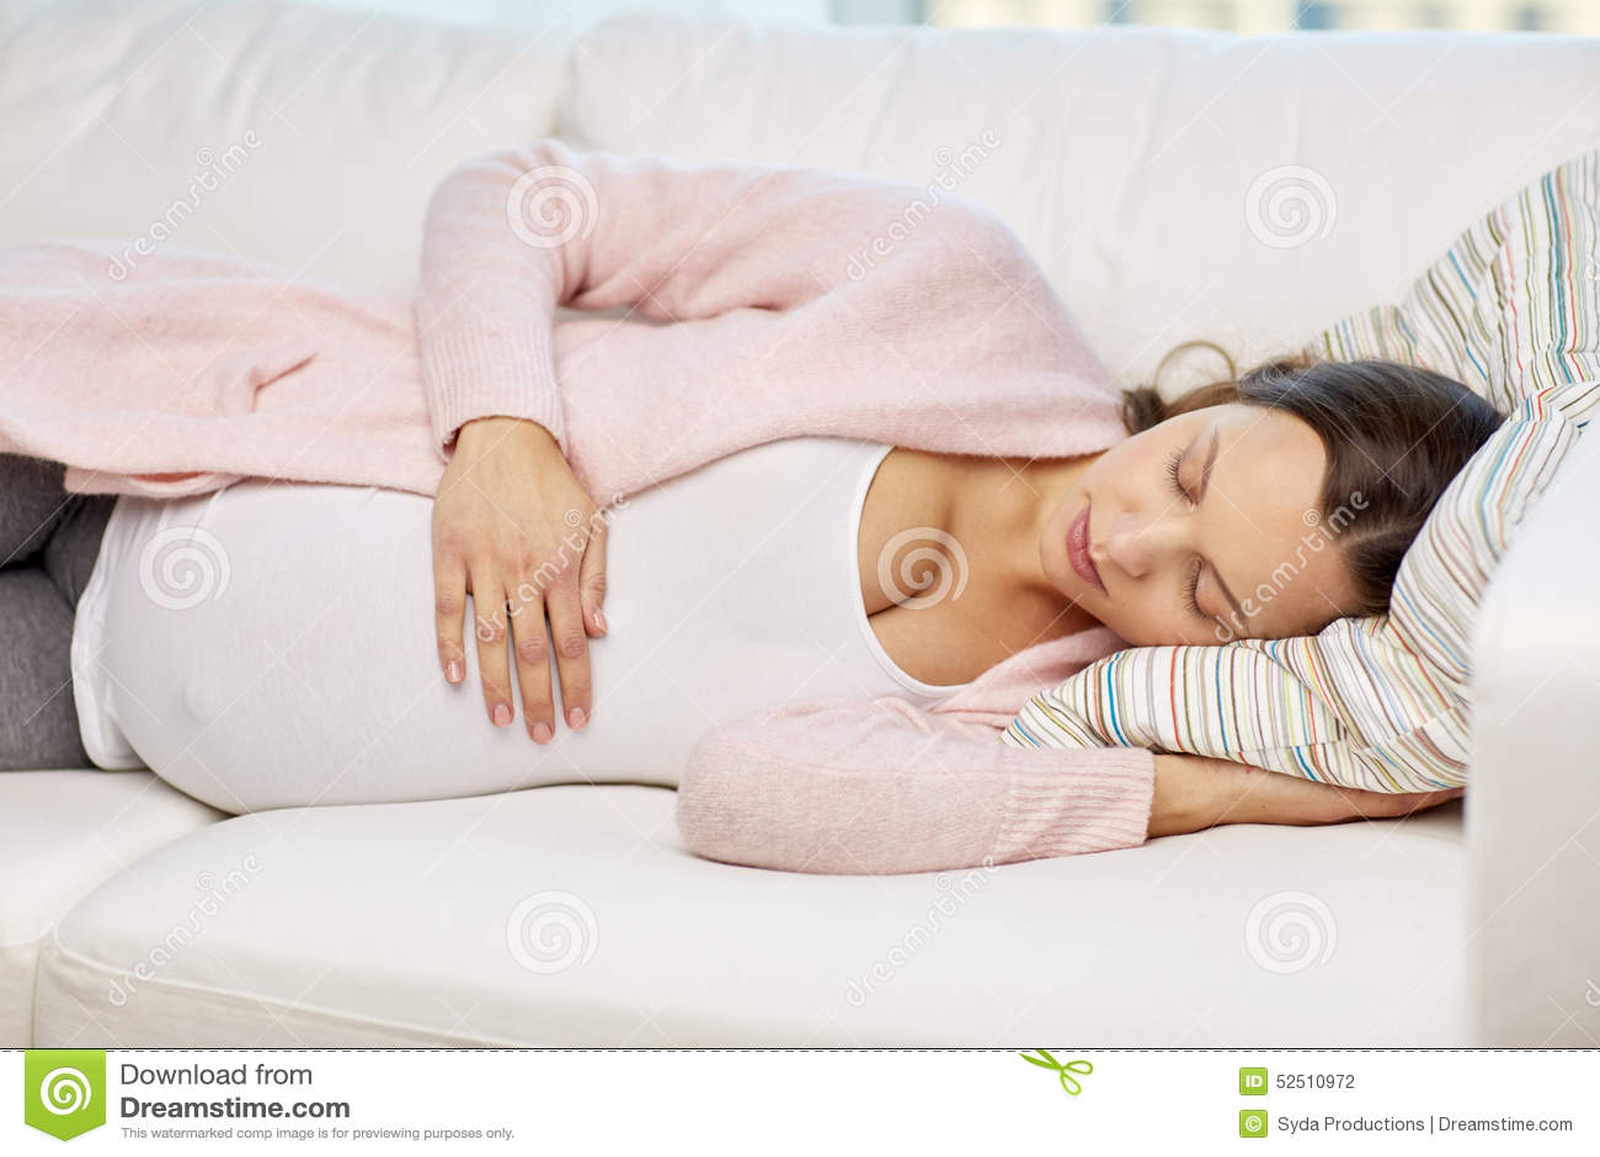 Беременности как спать беременной